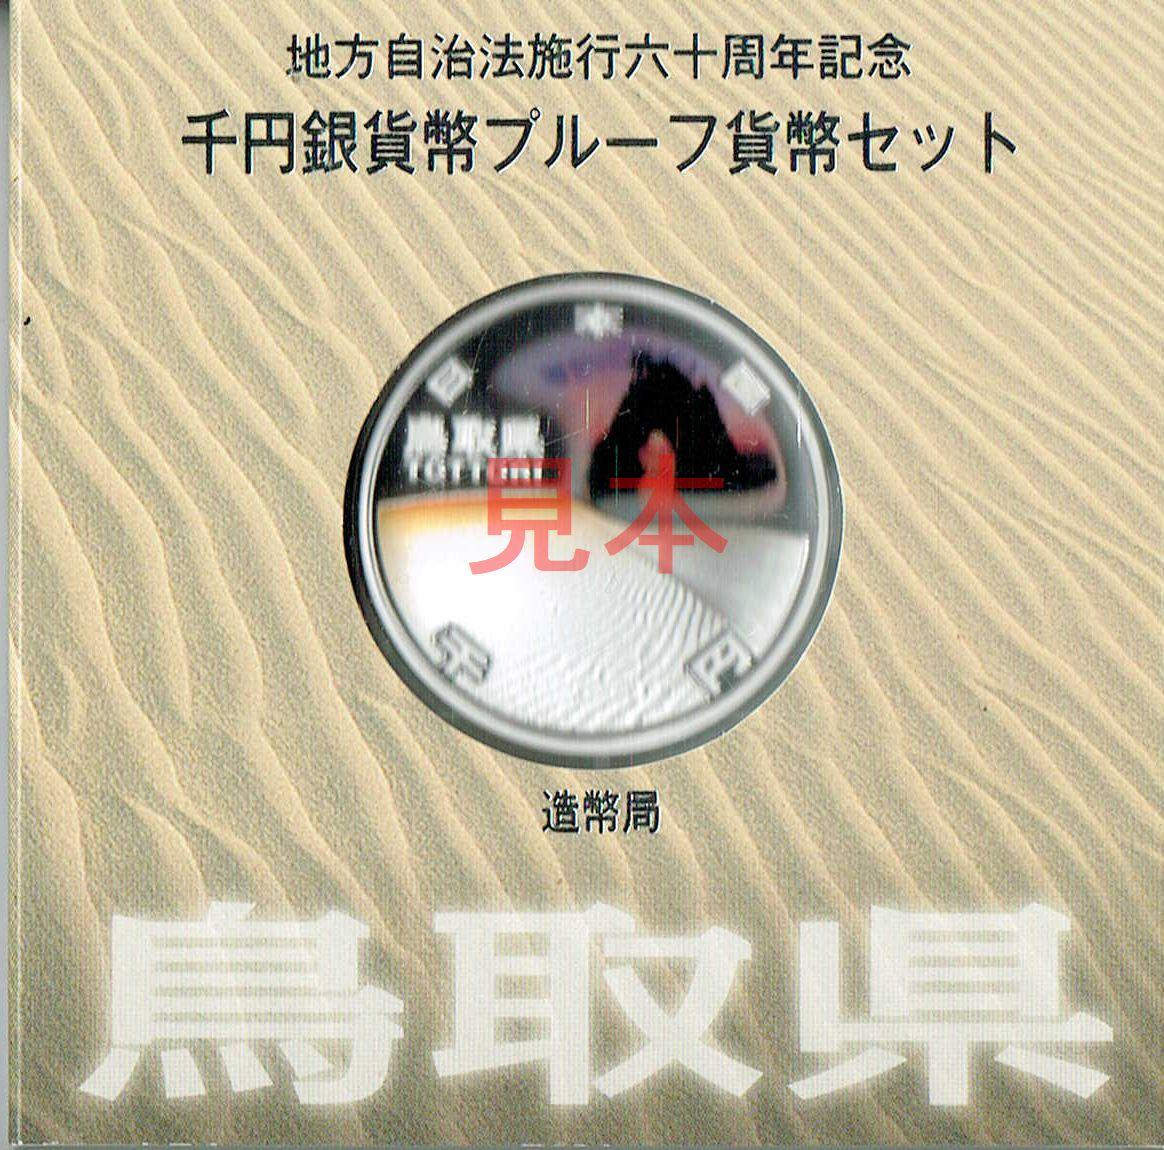 商品名「地方自治法施行60周年記念千円銀貨幣プルーフ Aセット 鳥取県」